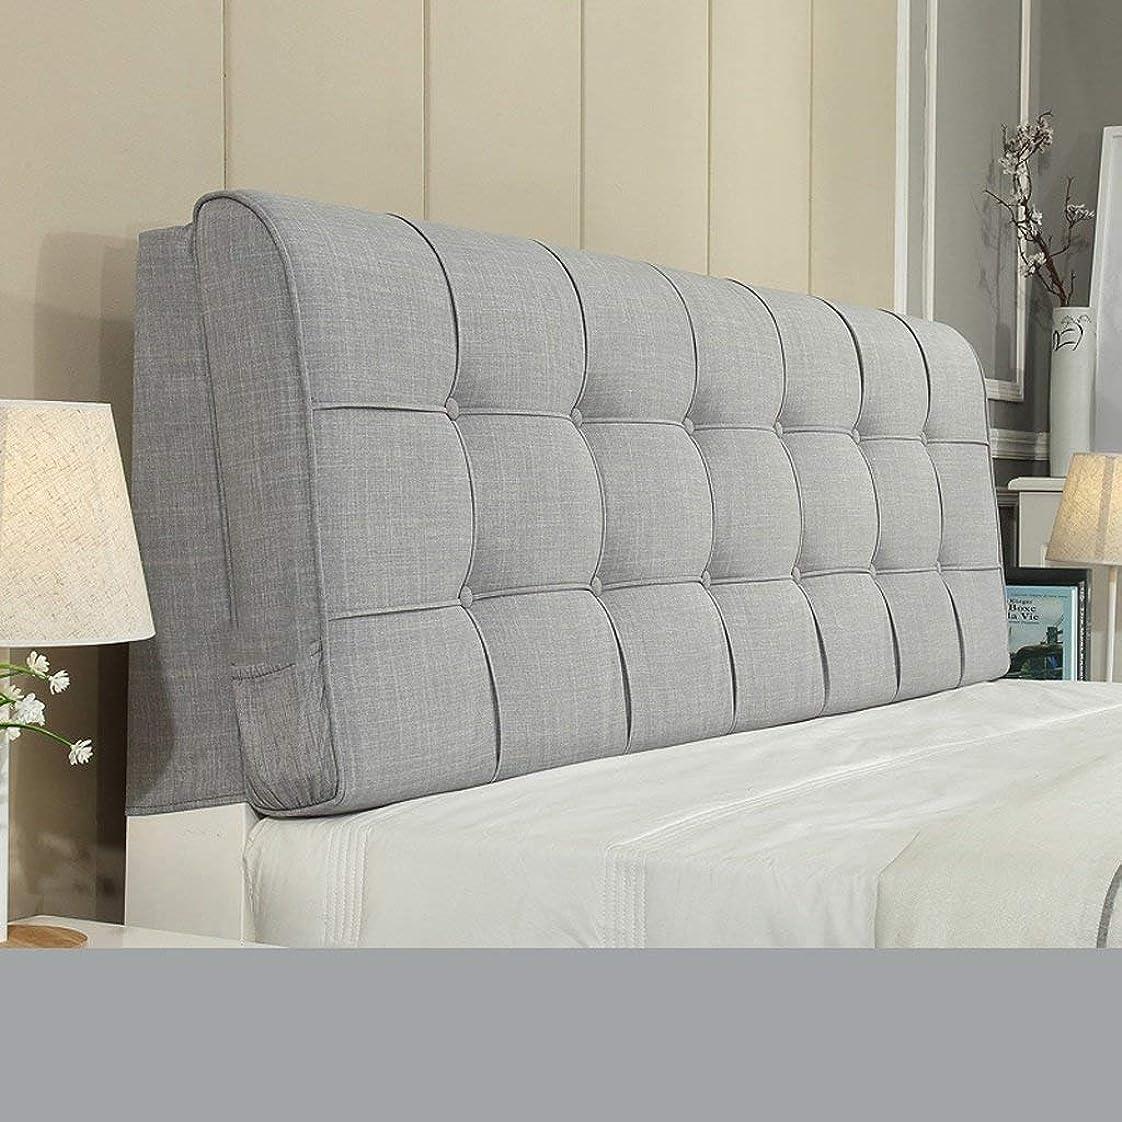 イル彫る排泄するGLP ベッドサイドクッションファブリックリネン畳座ベッドなしソフトバッグ大きな背もたれピローベッドカバー、10色&9サイズ (Color : I, Size : 180×10×58cm)